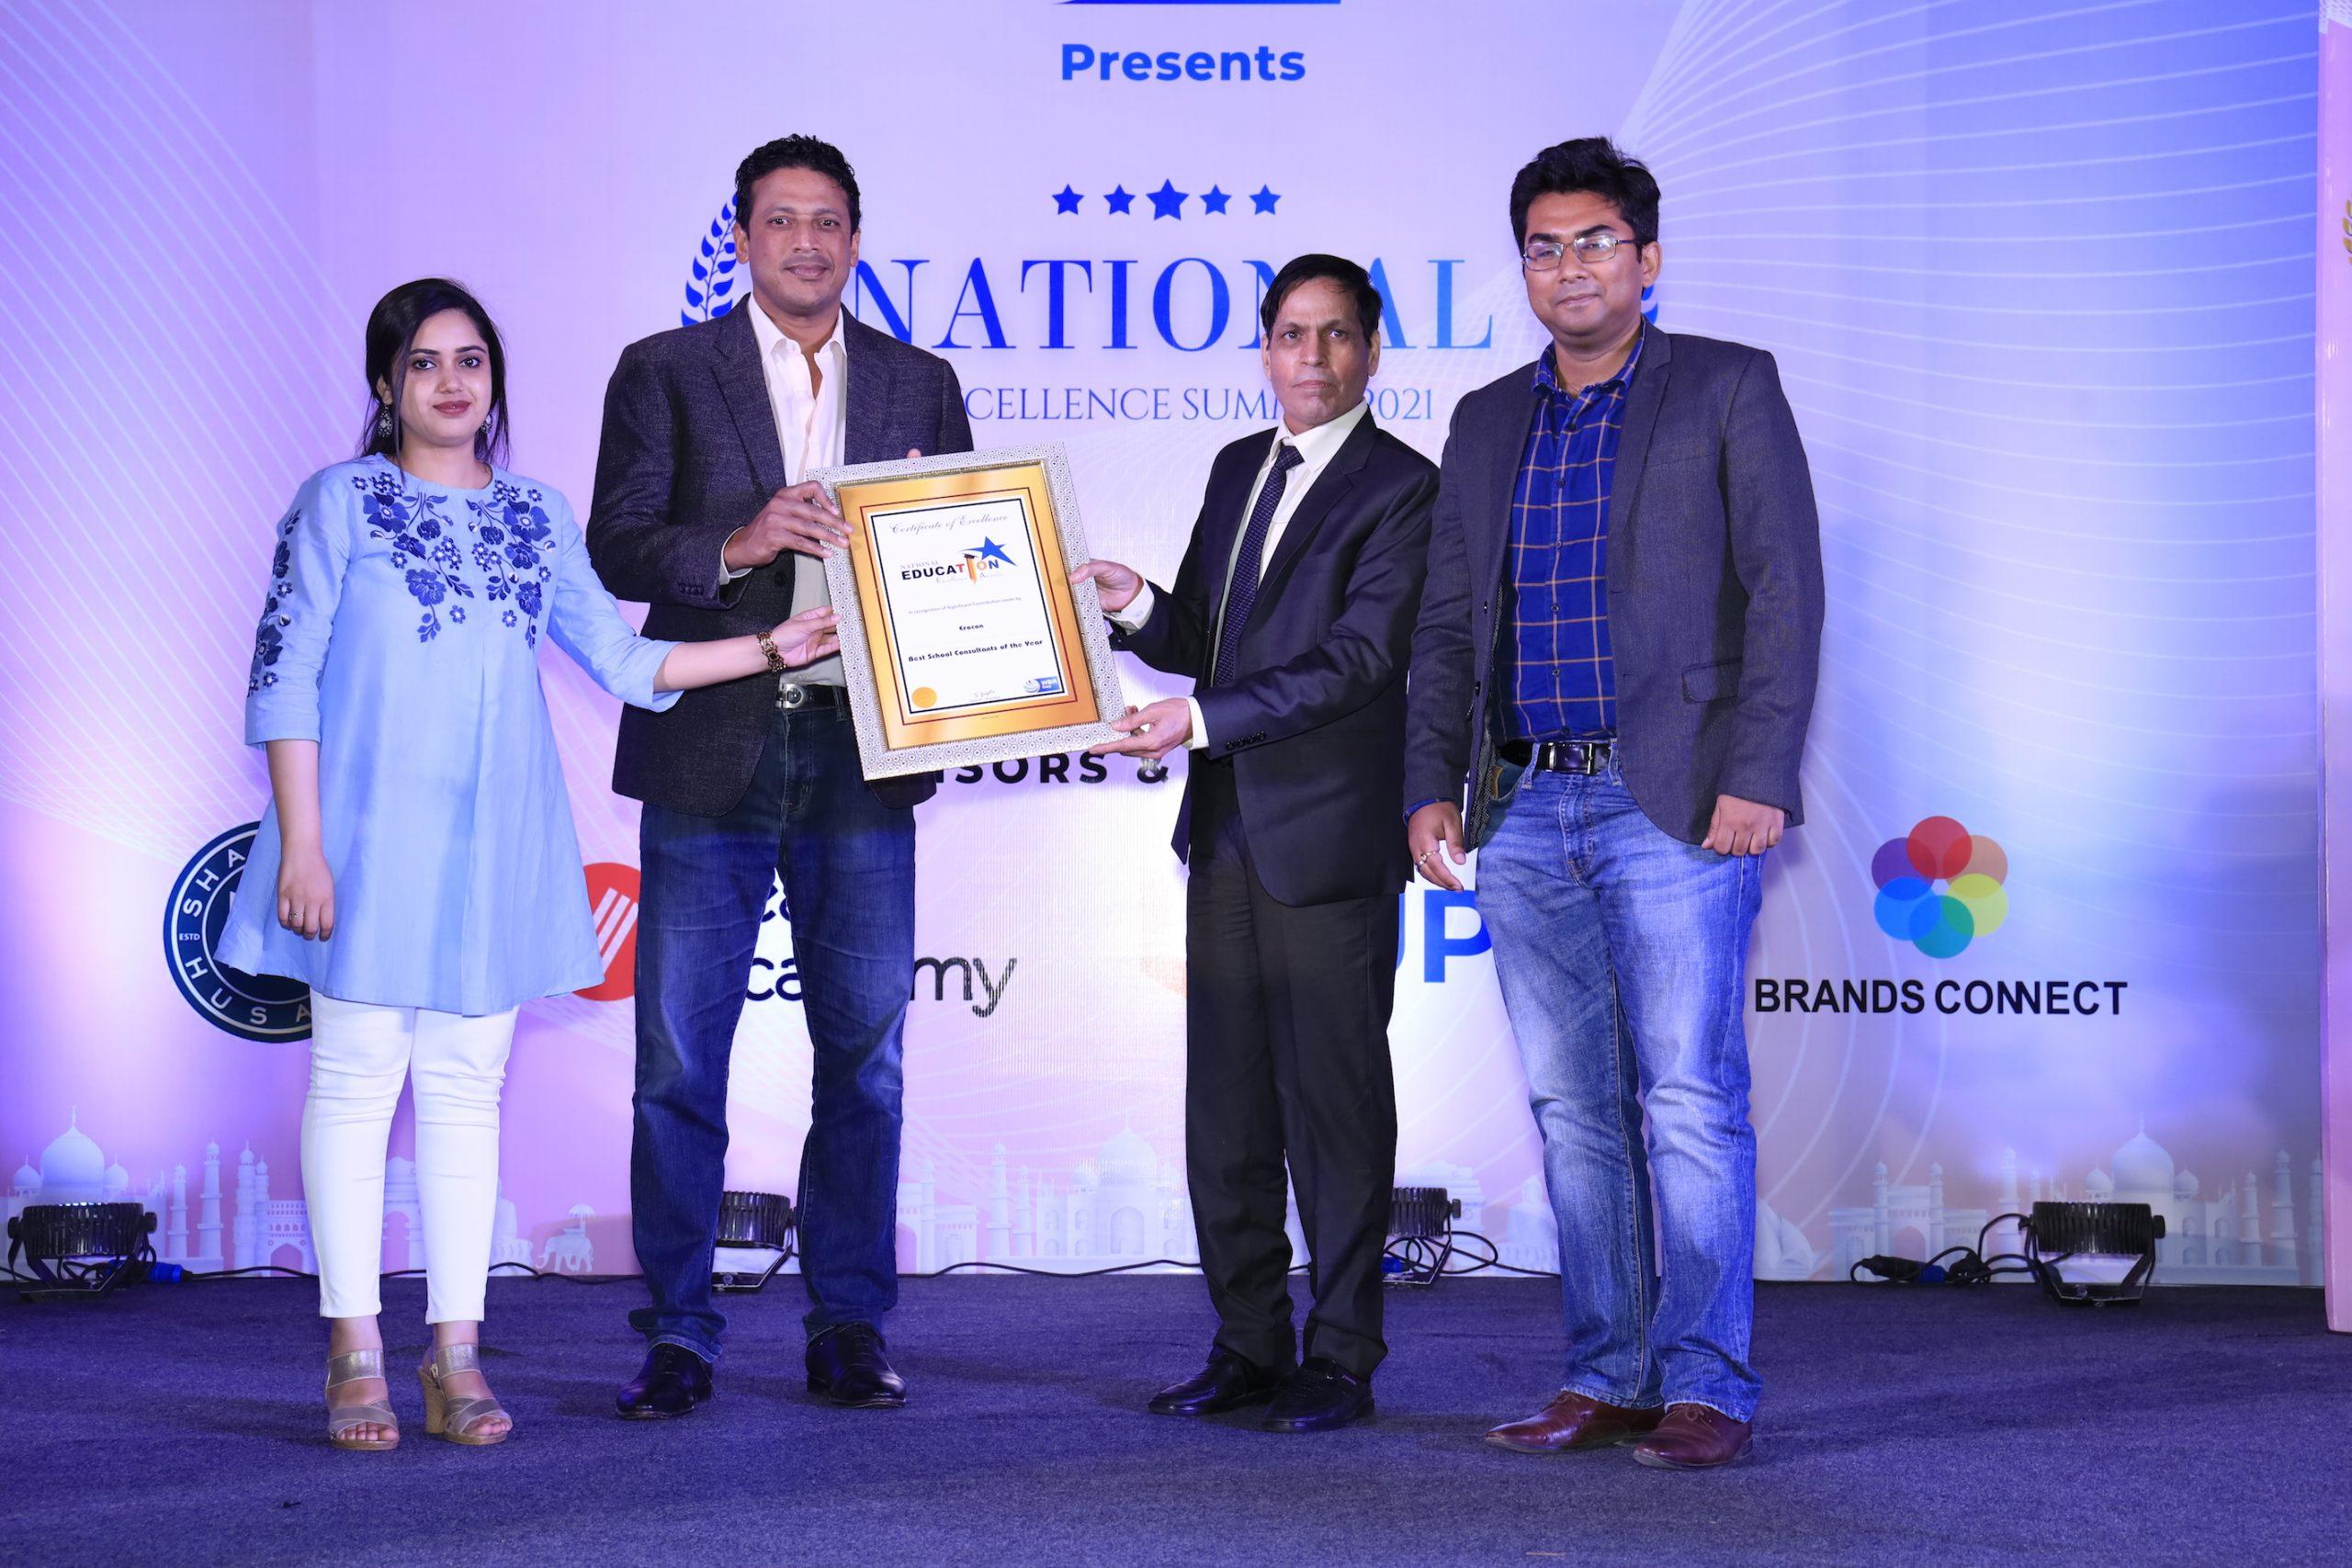 erocon award